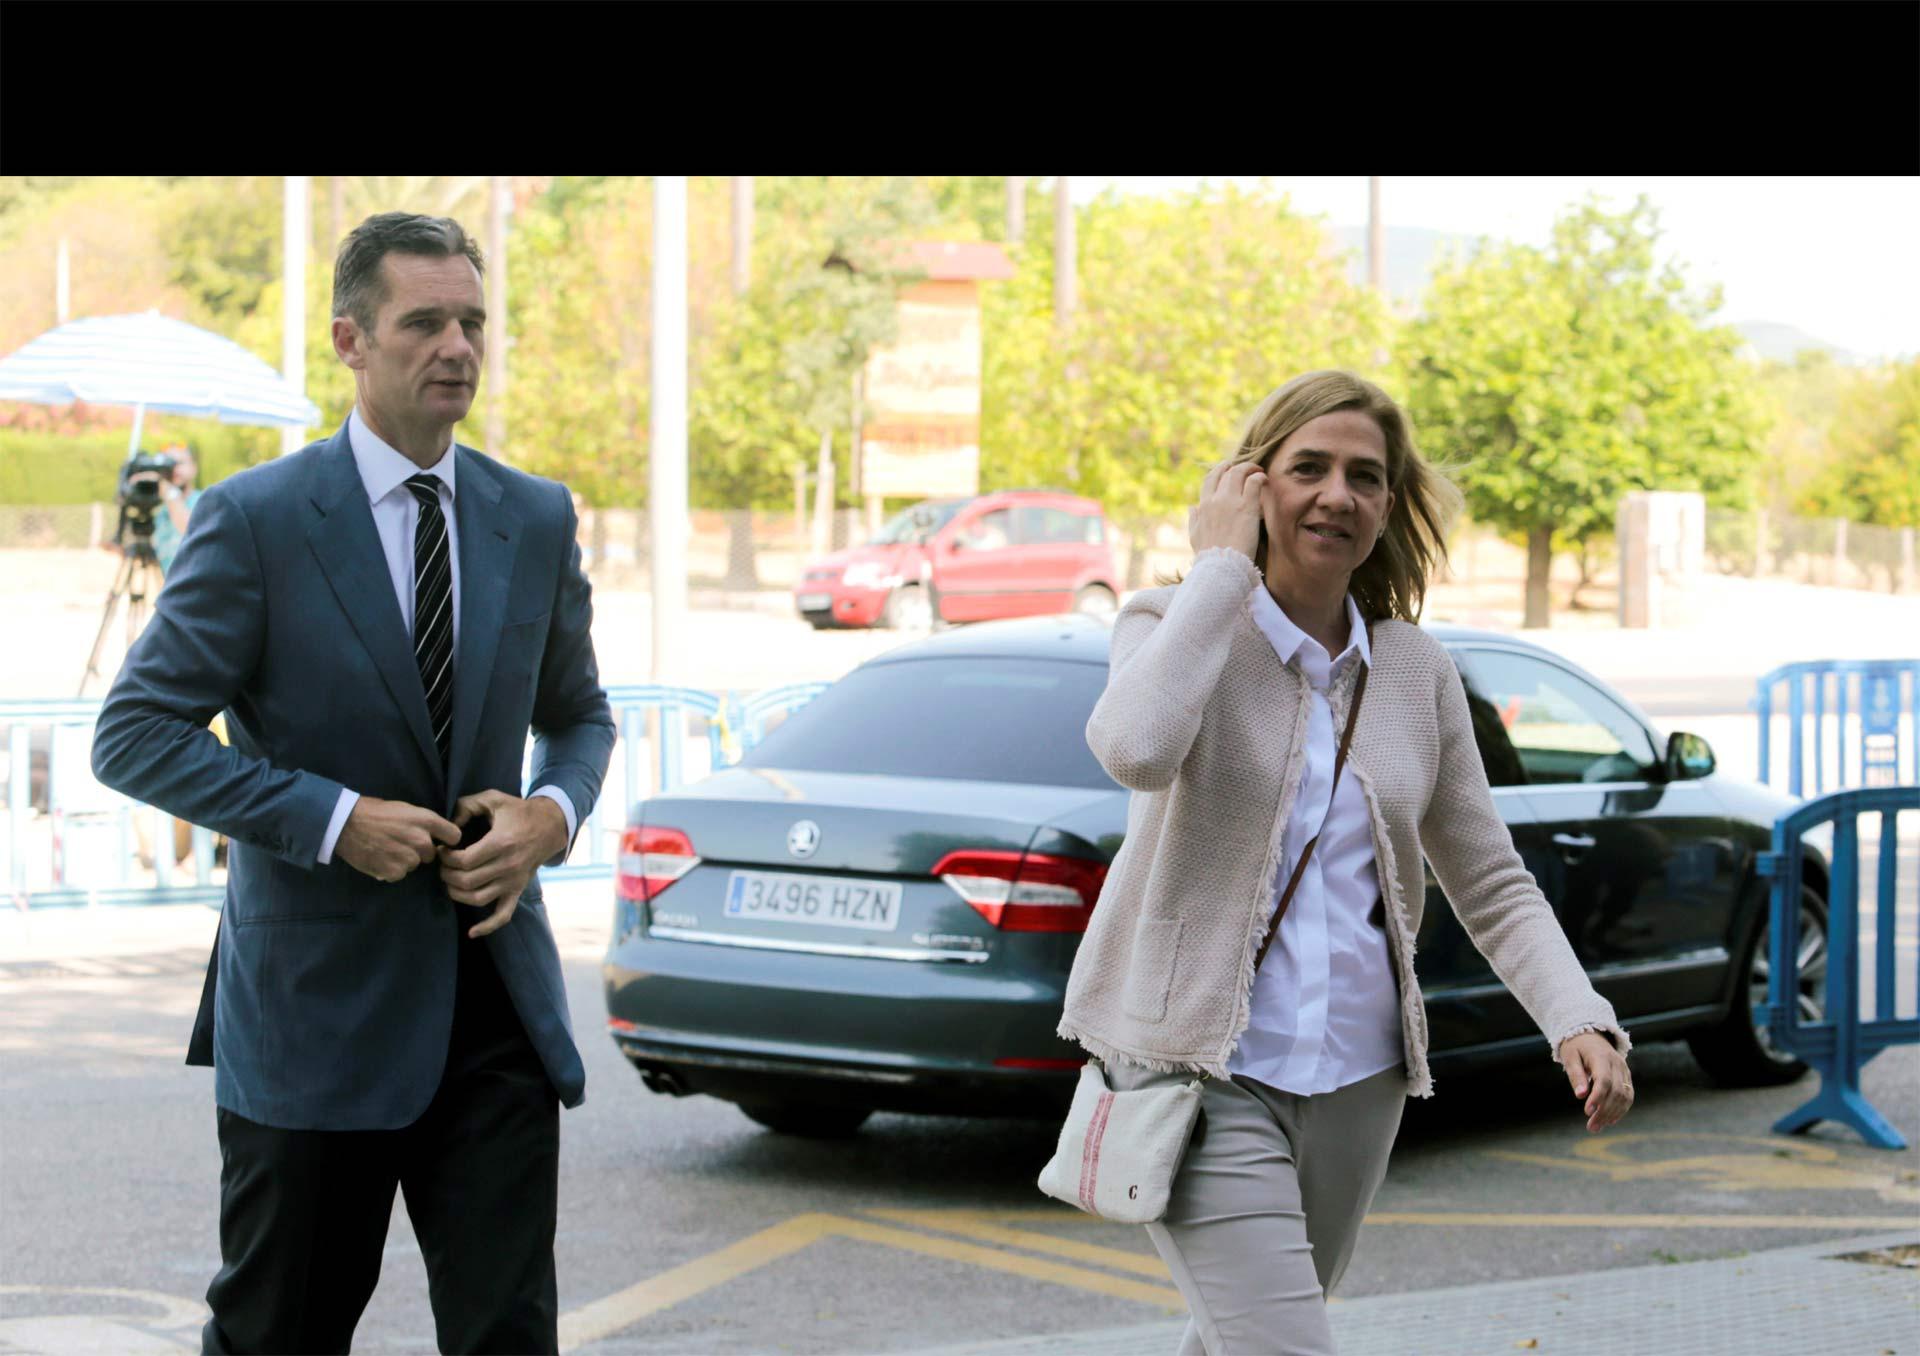 Se espera que las peticiones de pena de presión sobre ella y su esposo se mantengan